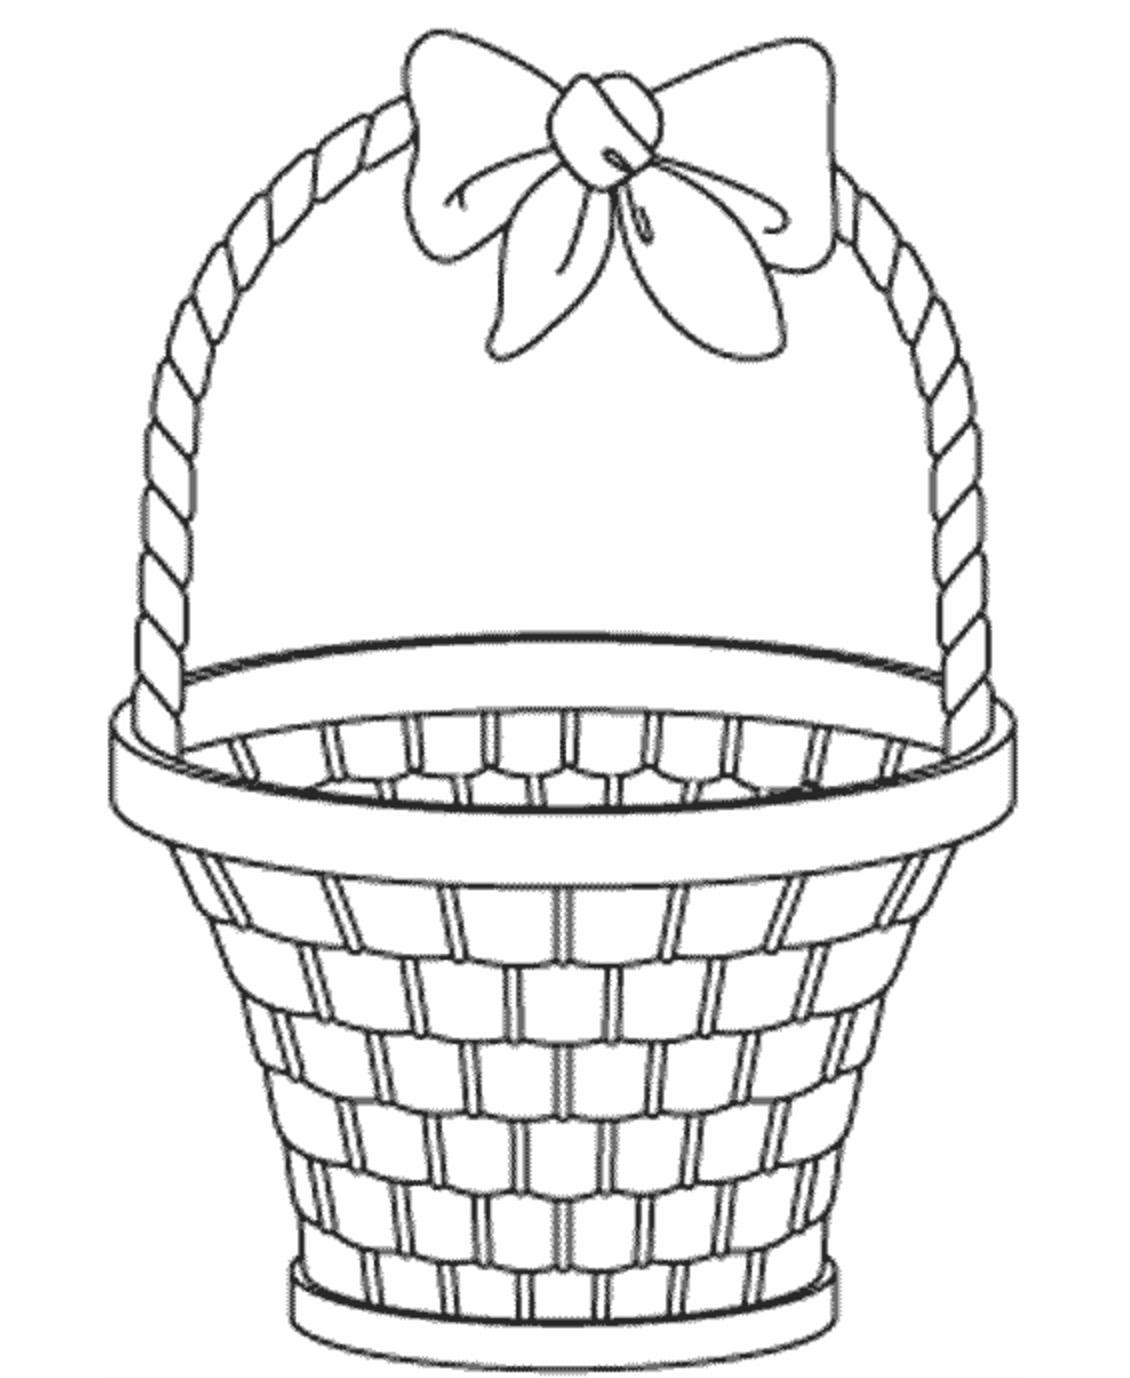 Picnic Basket Drawing At Getdrawings